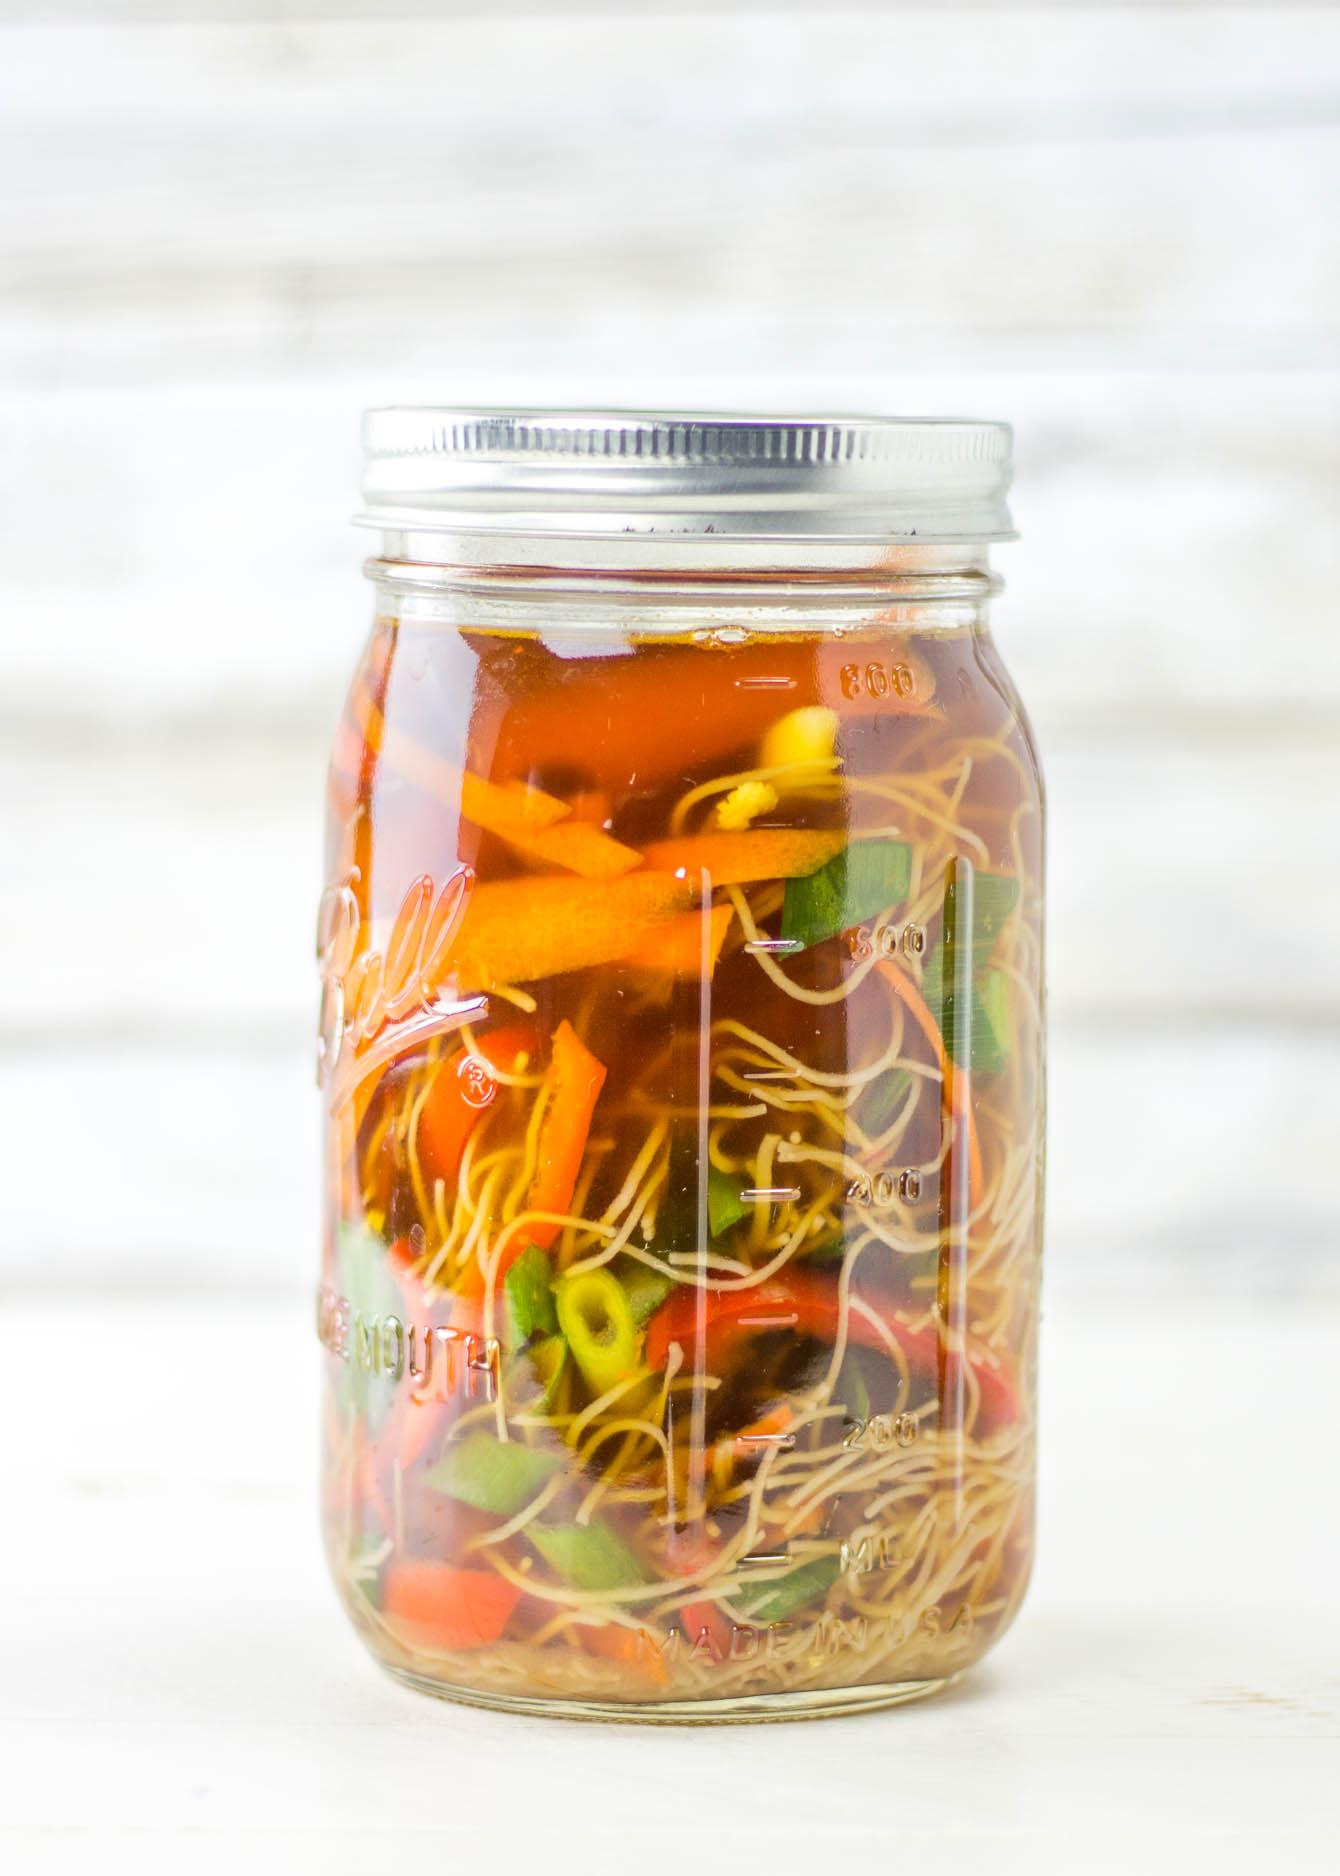 Pho Soup Made at Home in Mason Jars, Gluten Free, Dairy Free, Vegan, Vegetarian